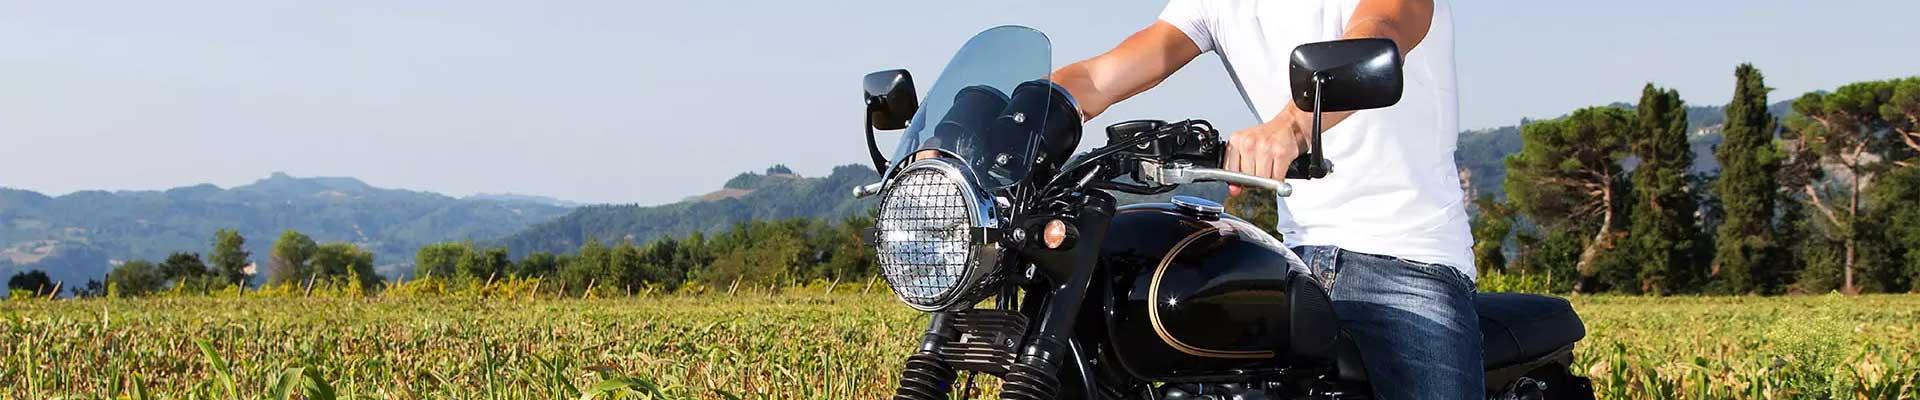 classic-bike-insurance-bike-rider